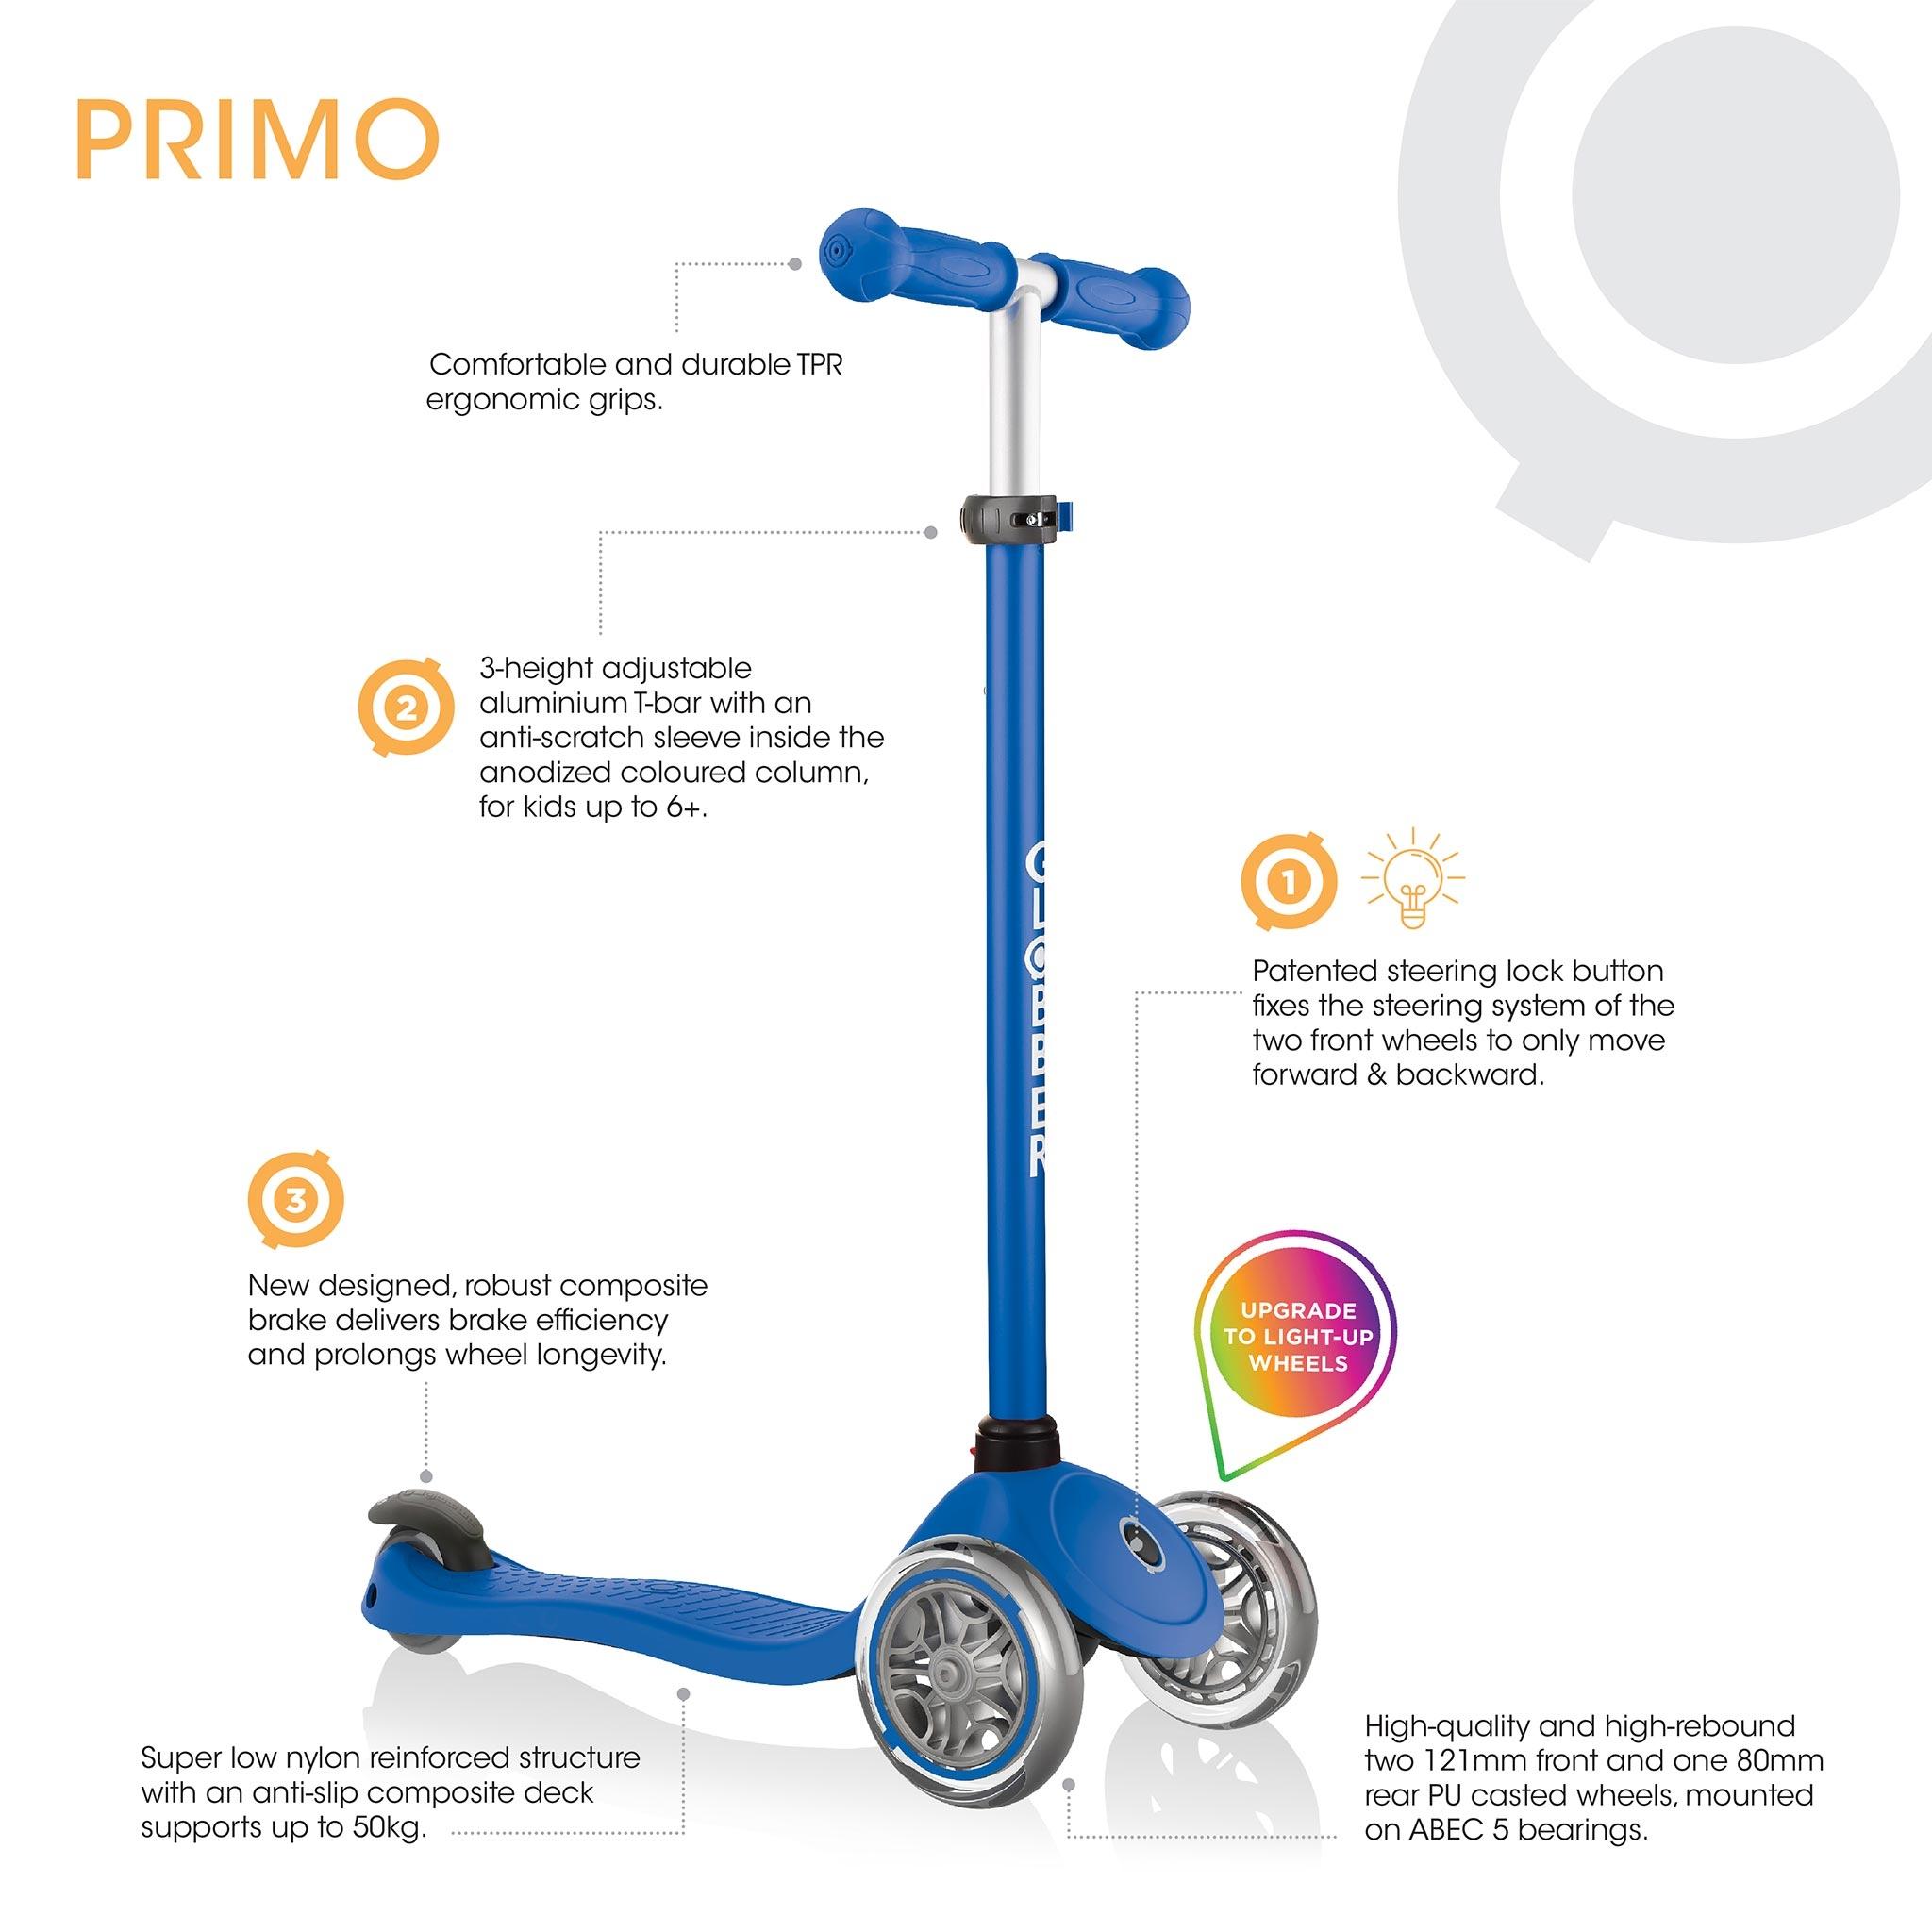 PRIMO 1